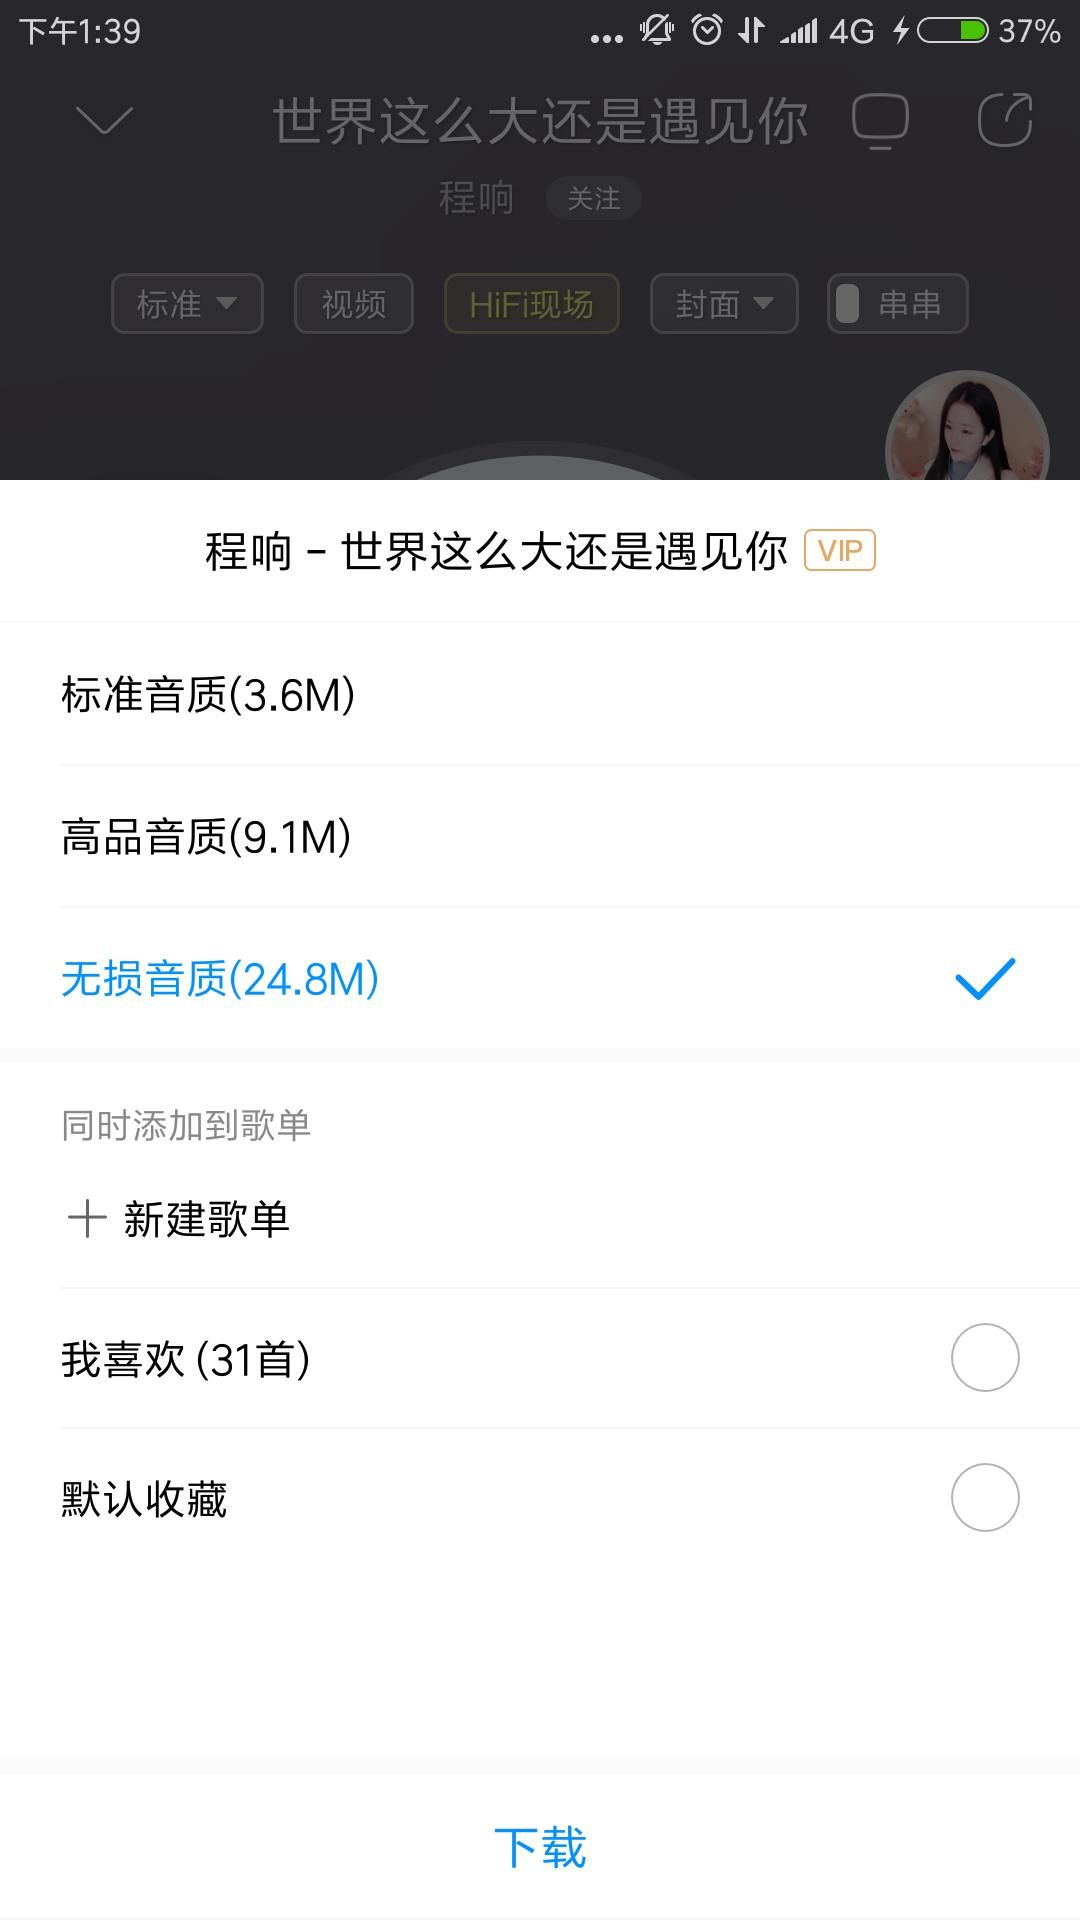 【首发】酷狗音乐V10.0.2 (10026)破解版,官方最新!-爱小助